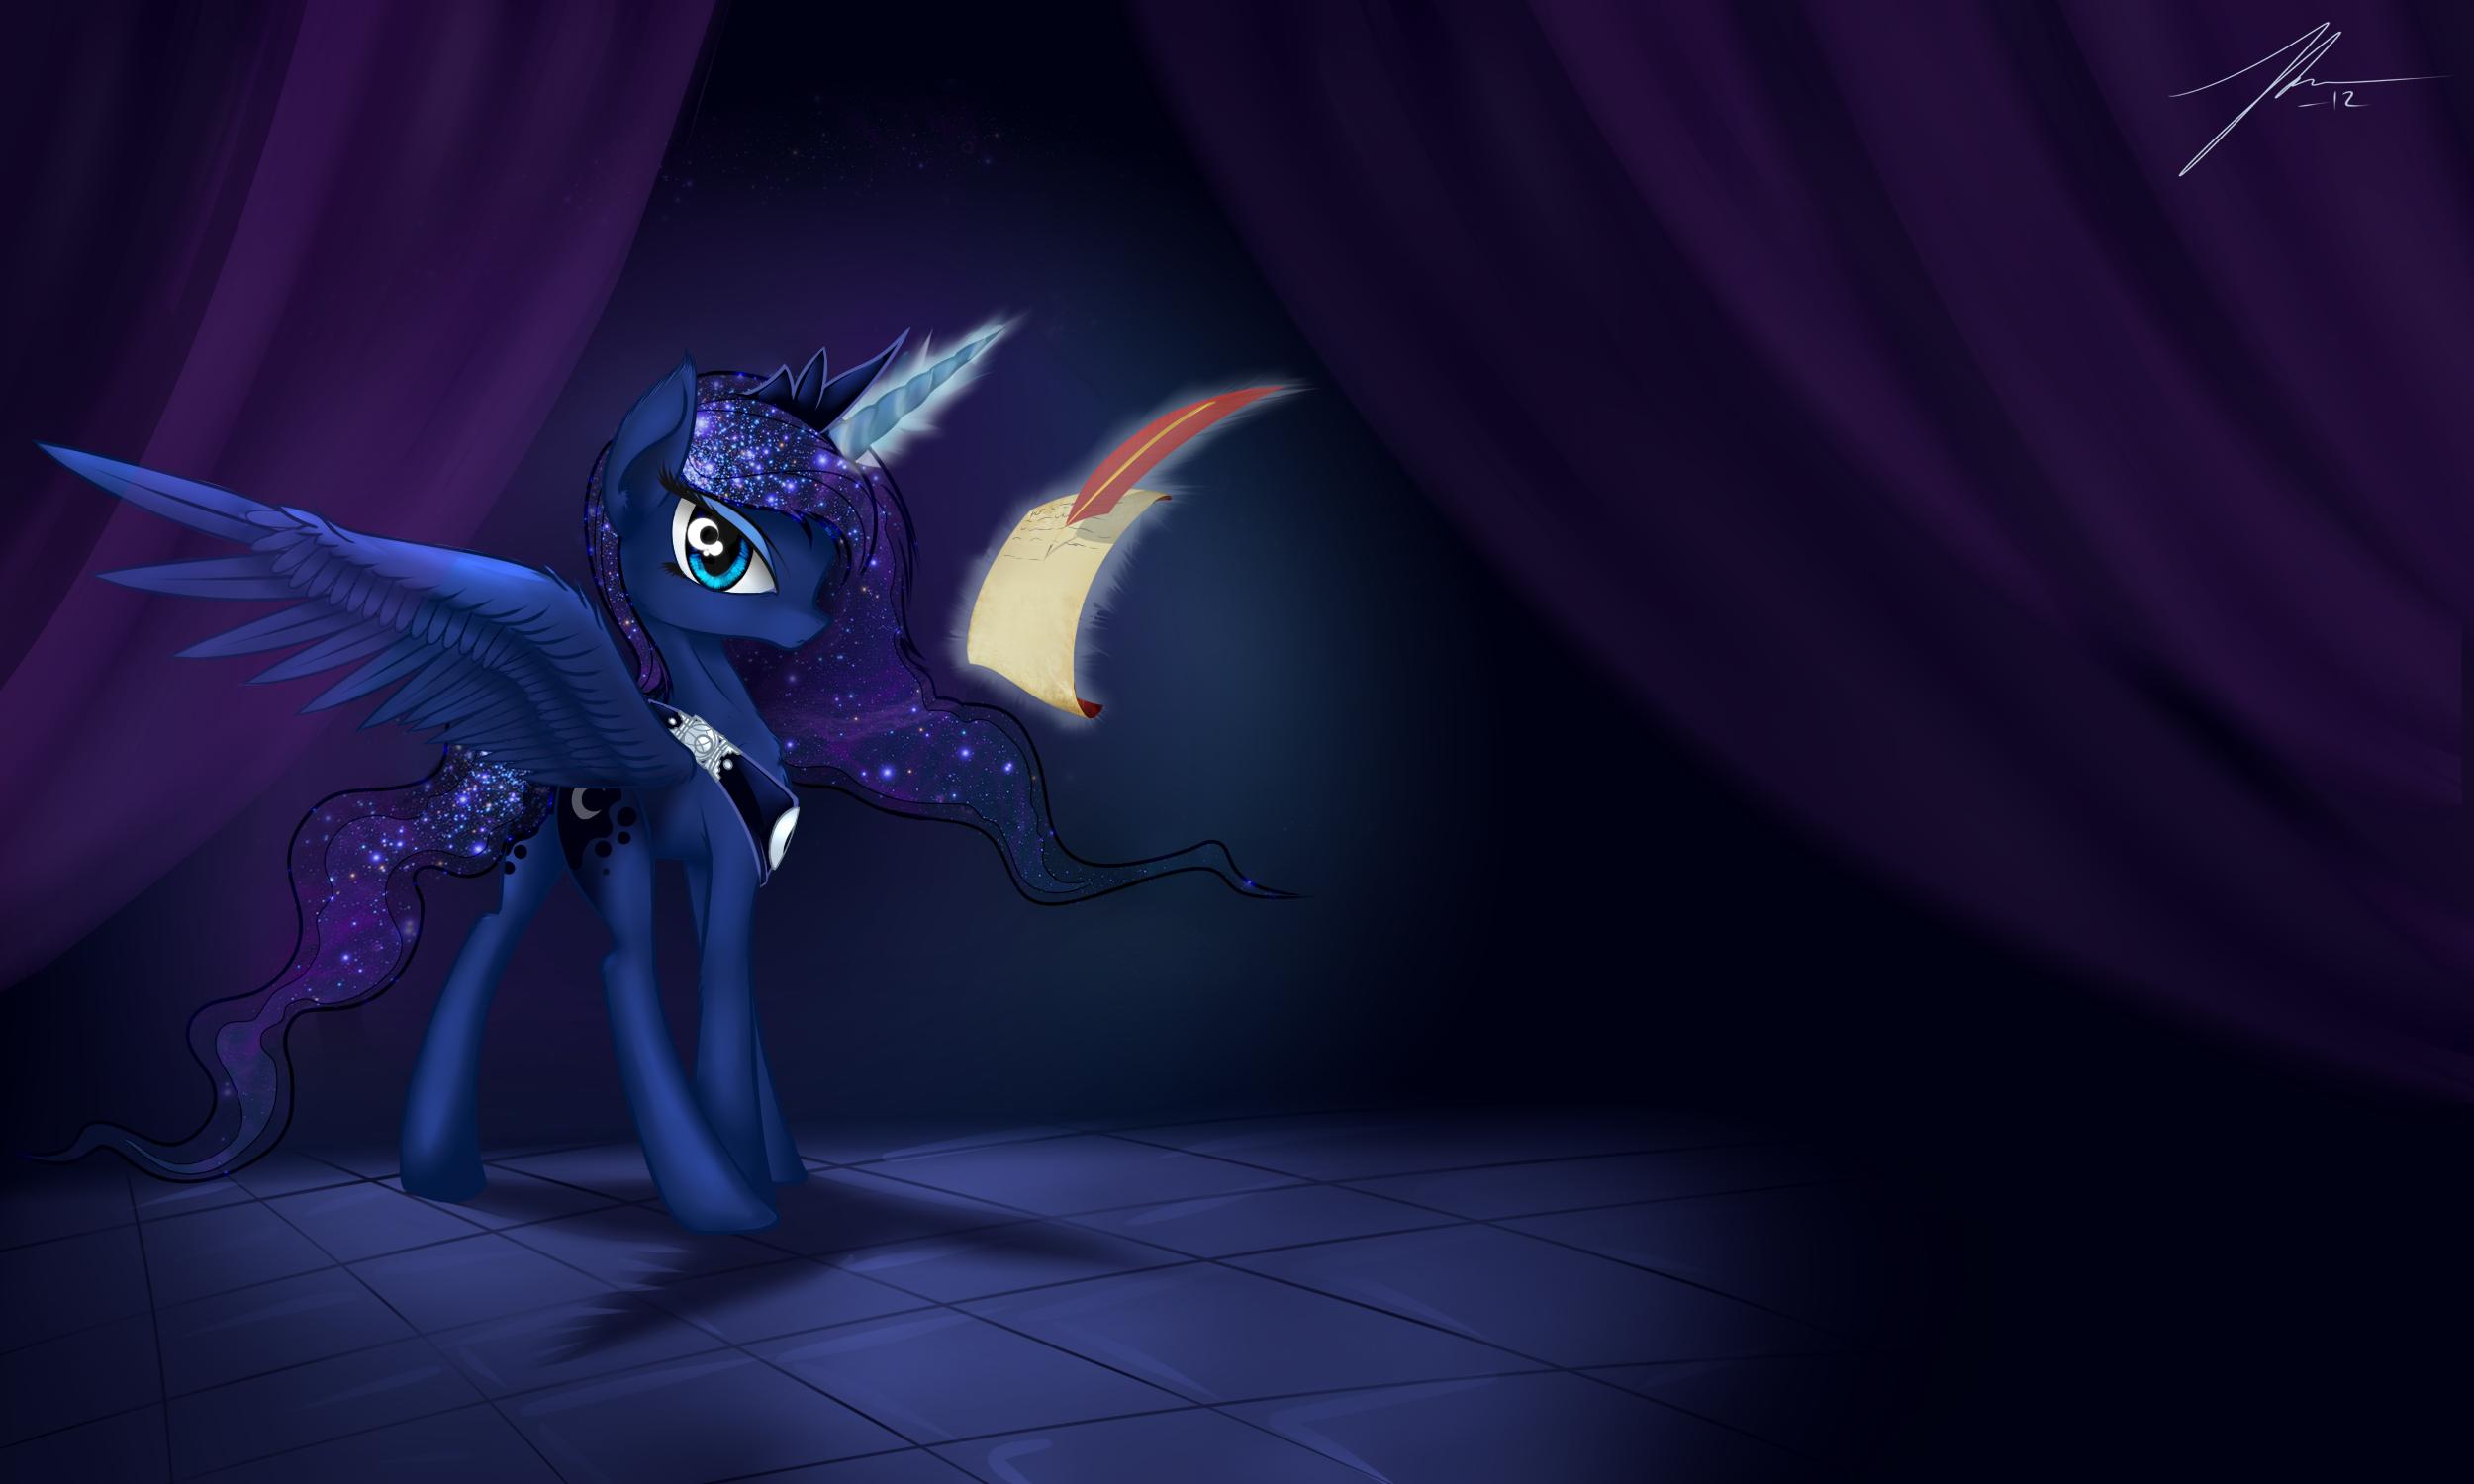 Luna by Wreky